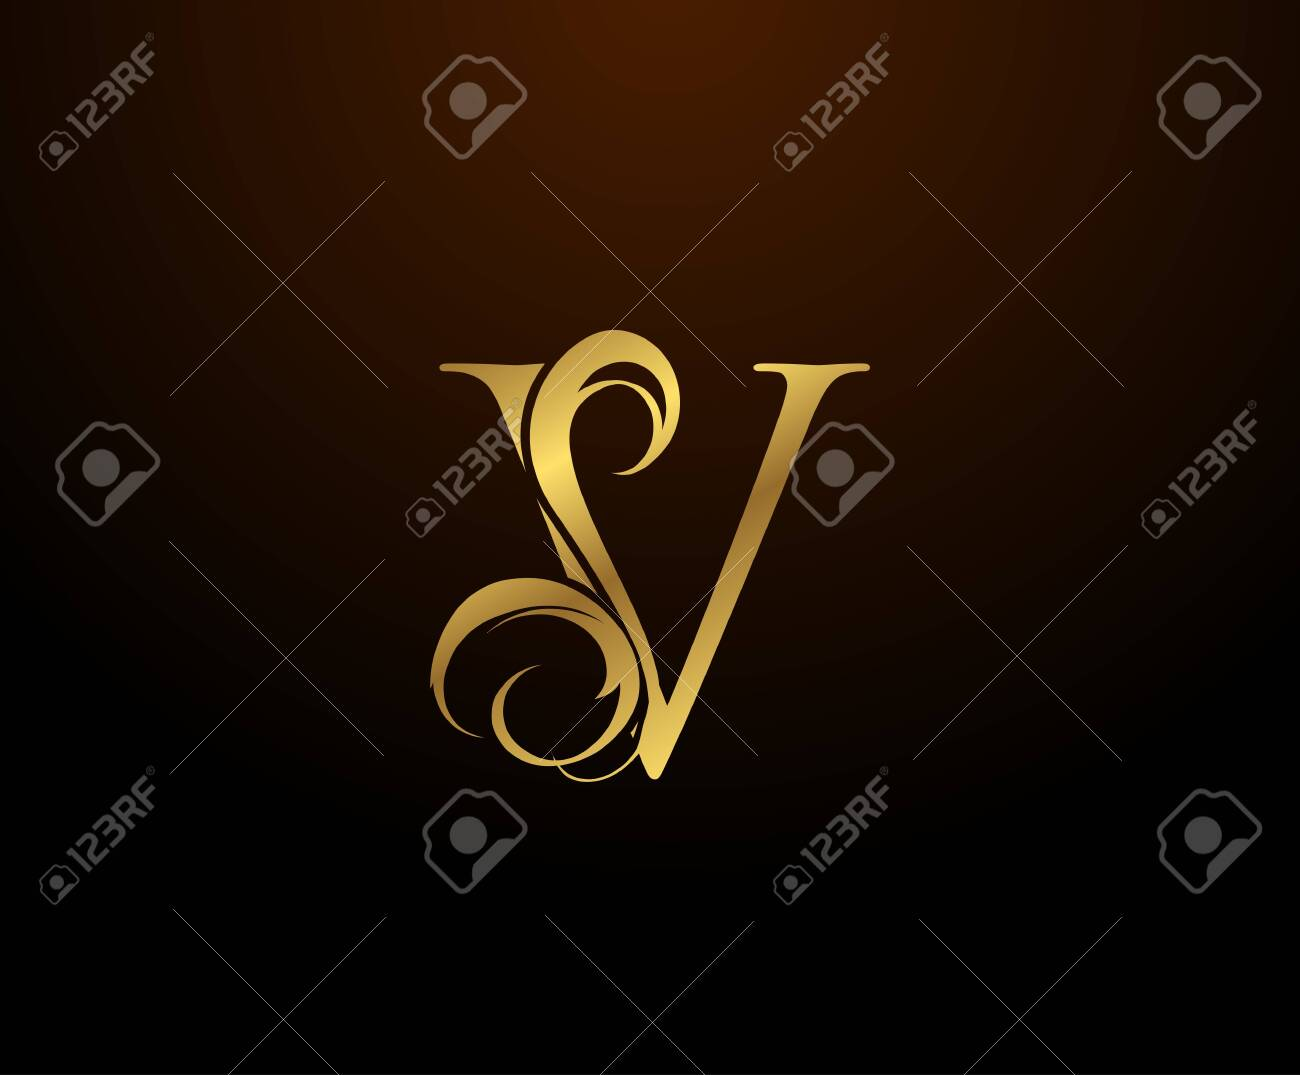 Graceful Initial V Gold Letter logo. Vintage drawn emblem for book design, weeding card, brand name, business card, Restaurant, Boutique, Hotel. - 144467545